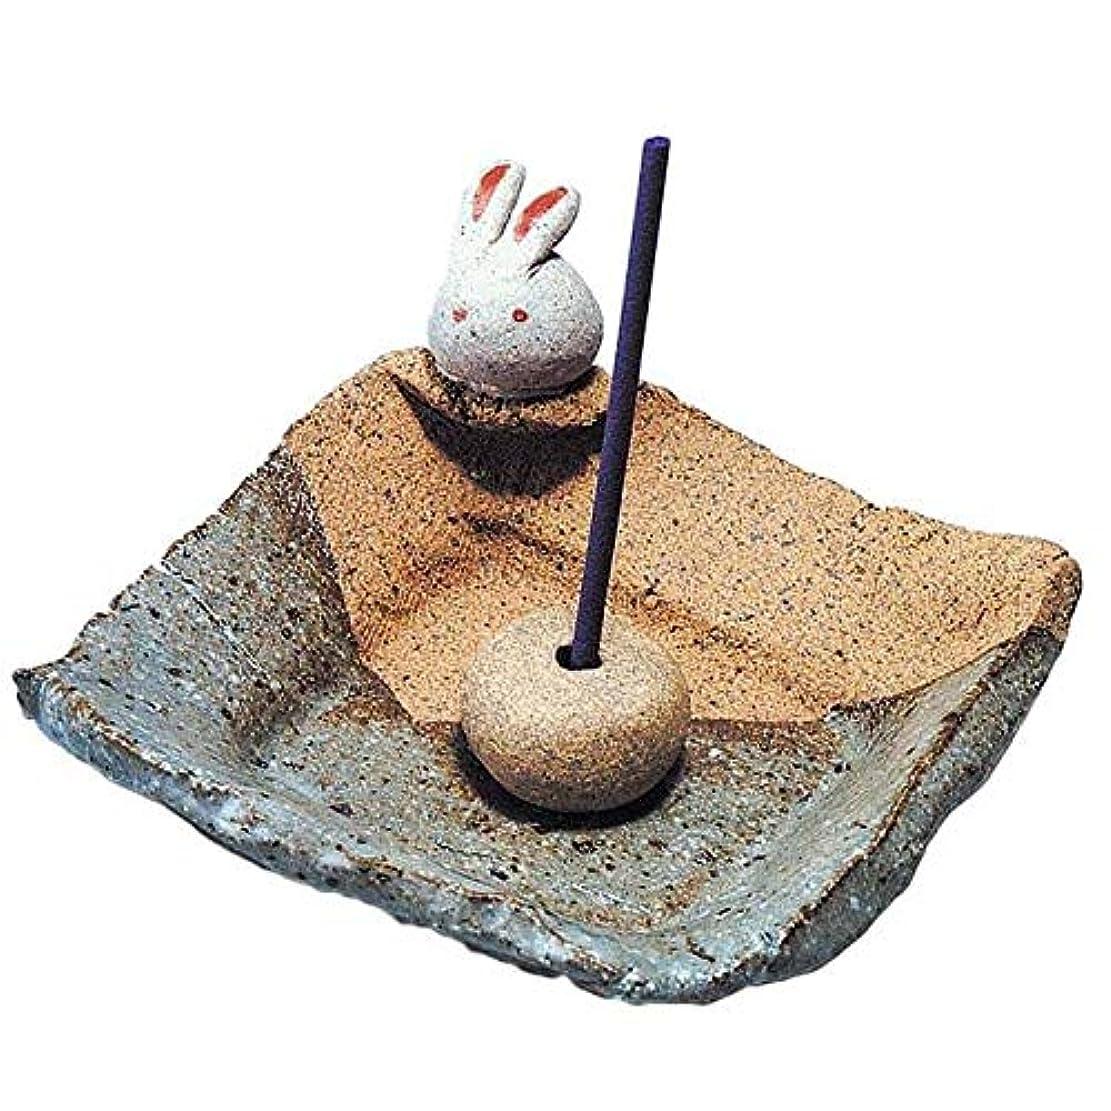 精査外国人深める手造り 香皿 香立て/うさぎ 香皿/香り アロマ 癒やし リラックス インテリア プレゼント 贈り物